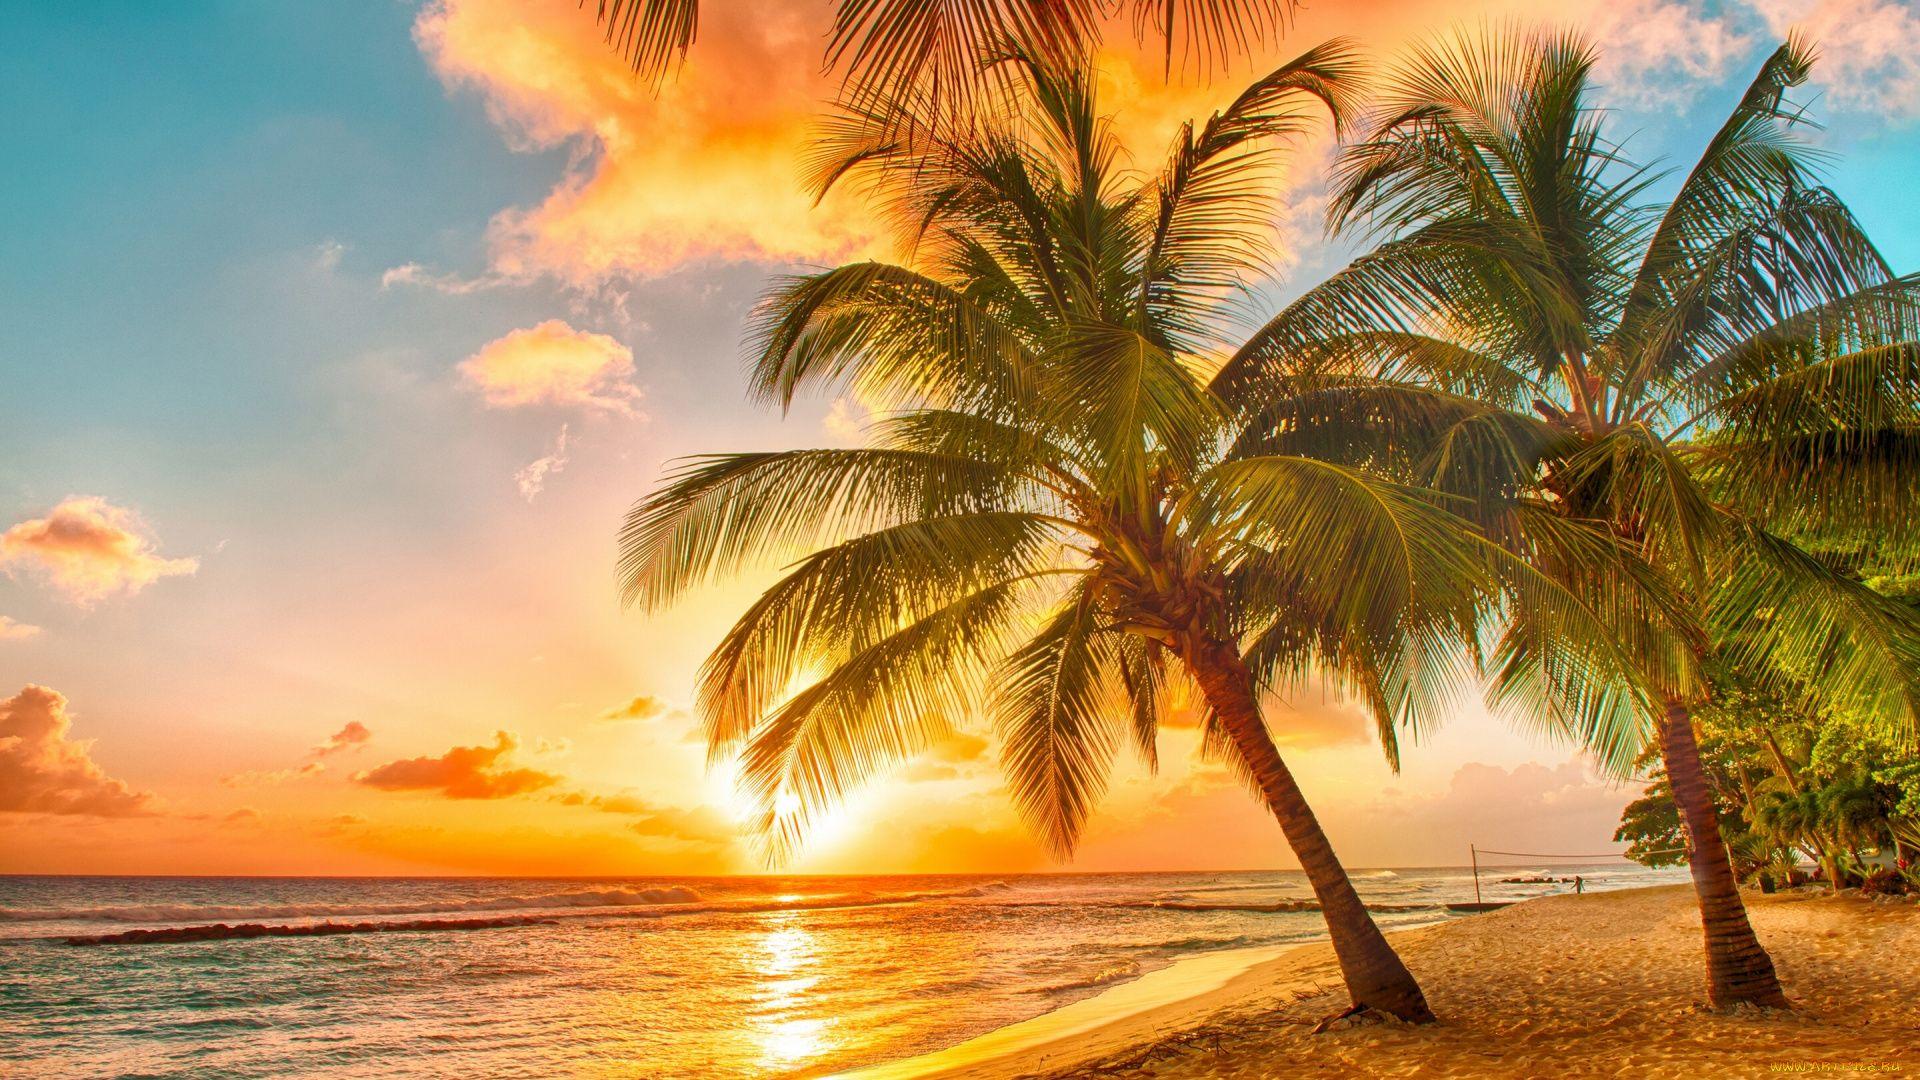 Caribbean Wallpaper Image